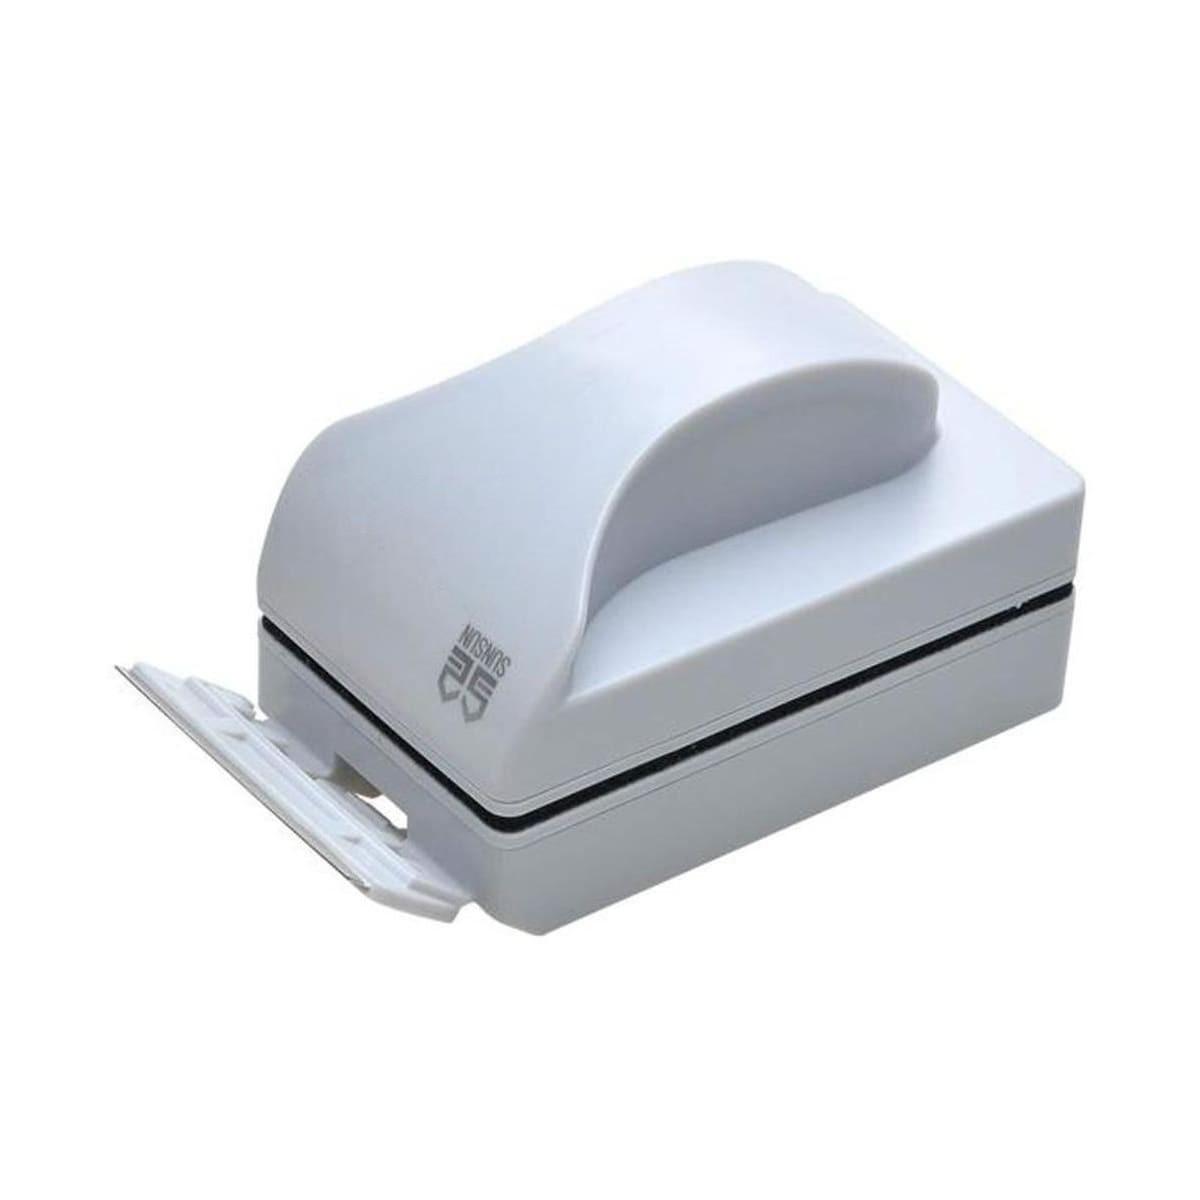 Limpador Magnético Sunsun MB 105D c/ Lâmina vidros 3 a 24mm